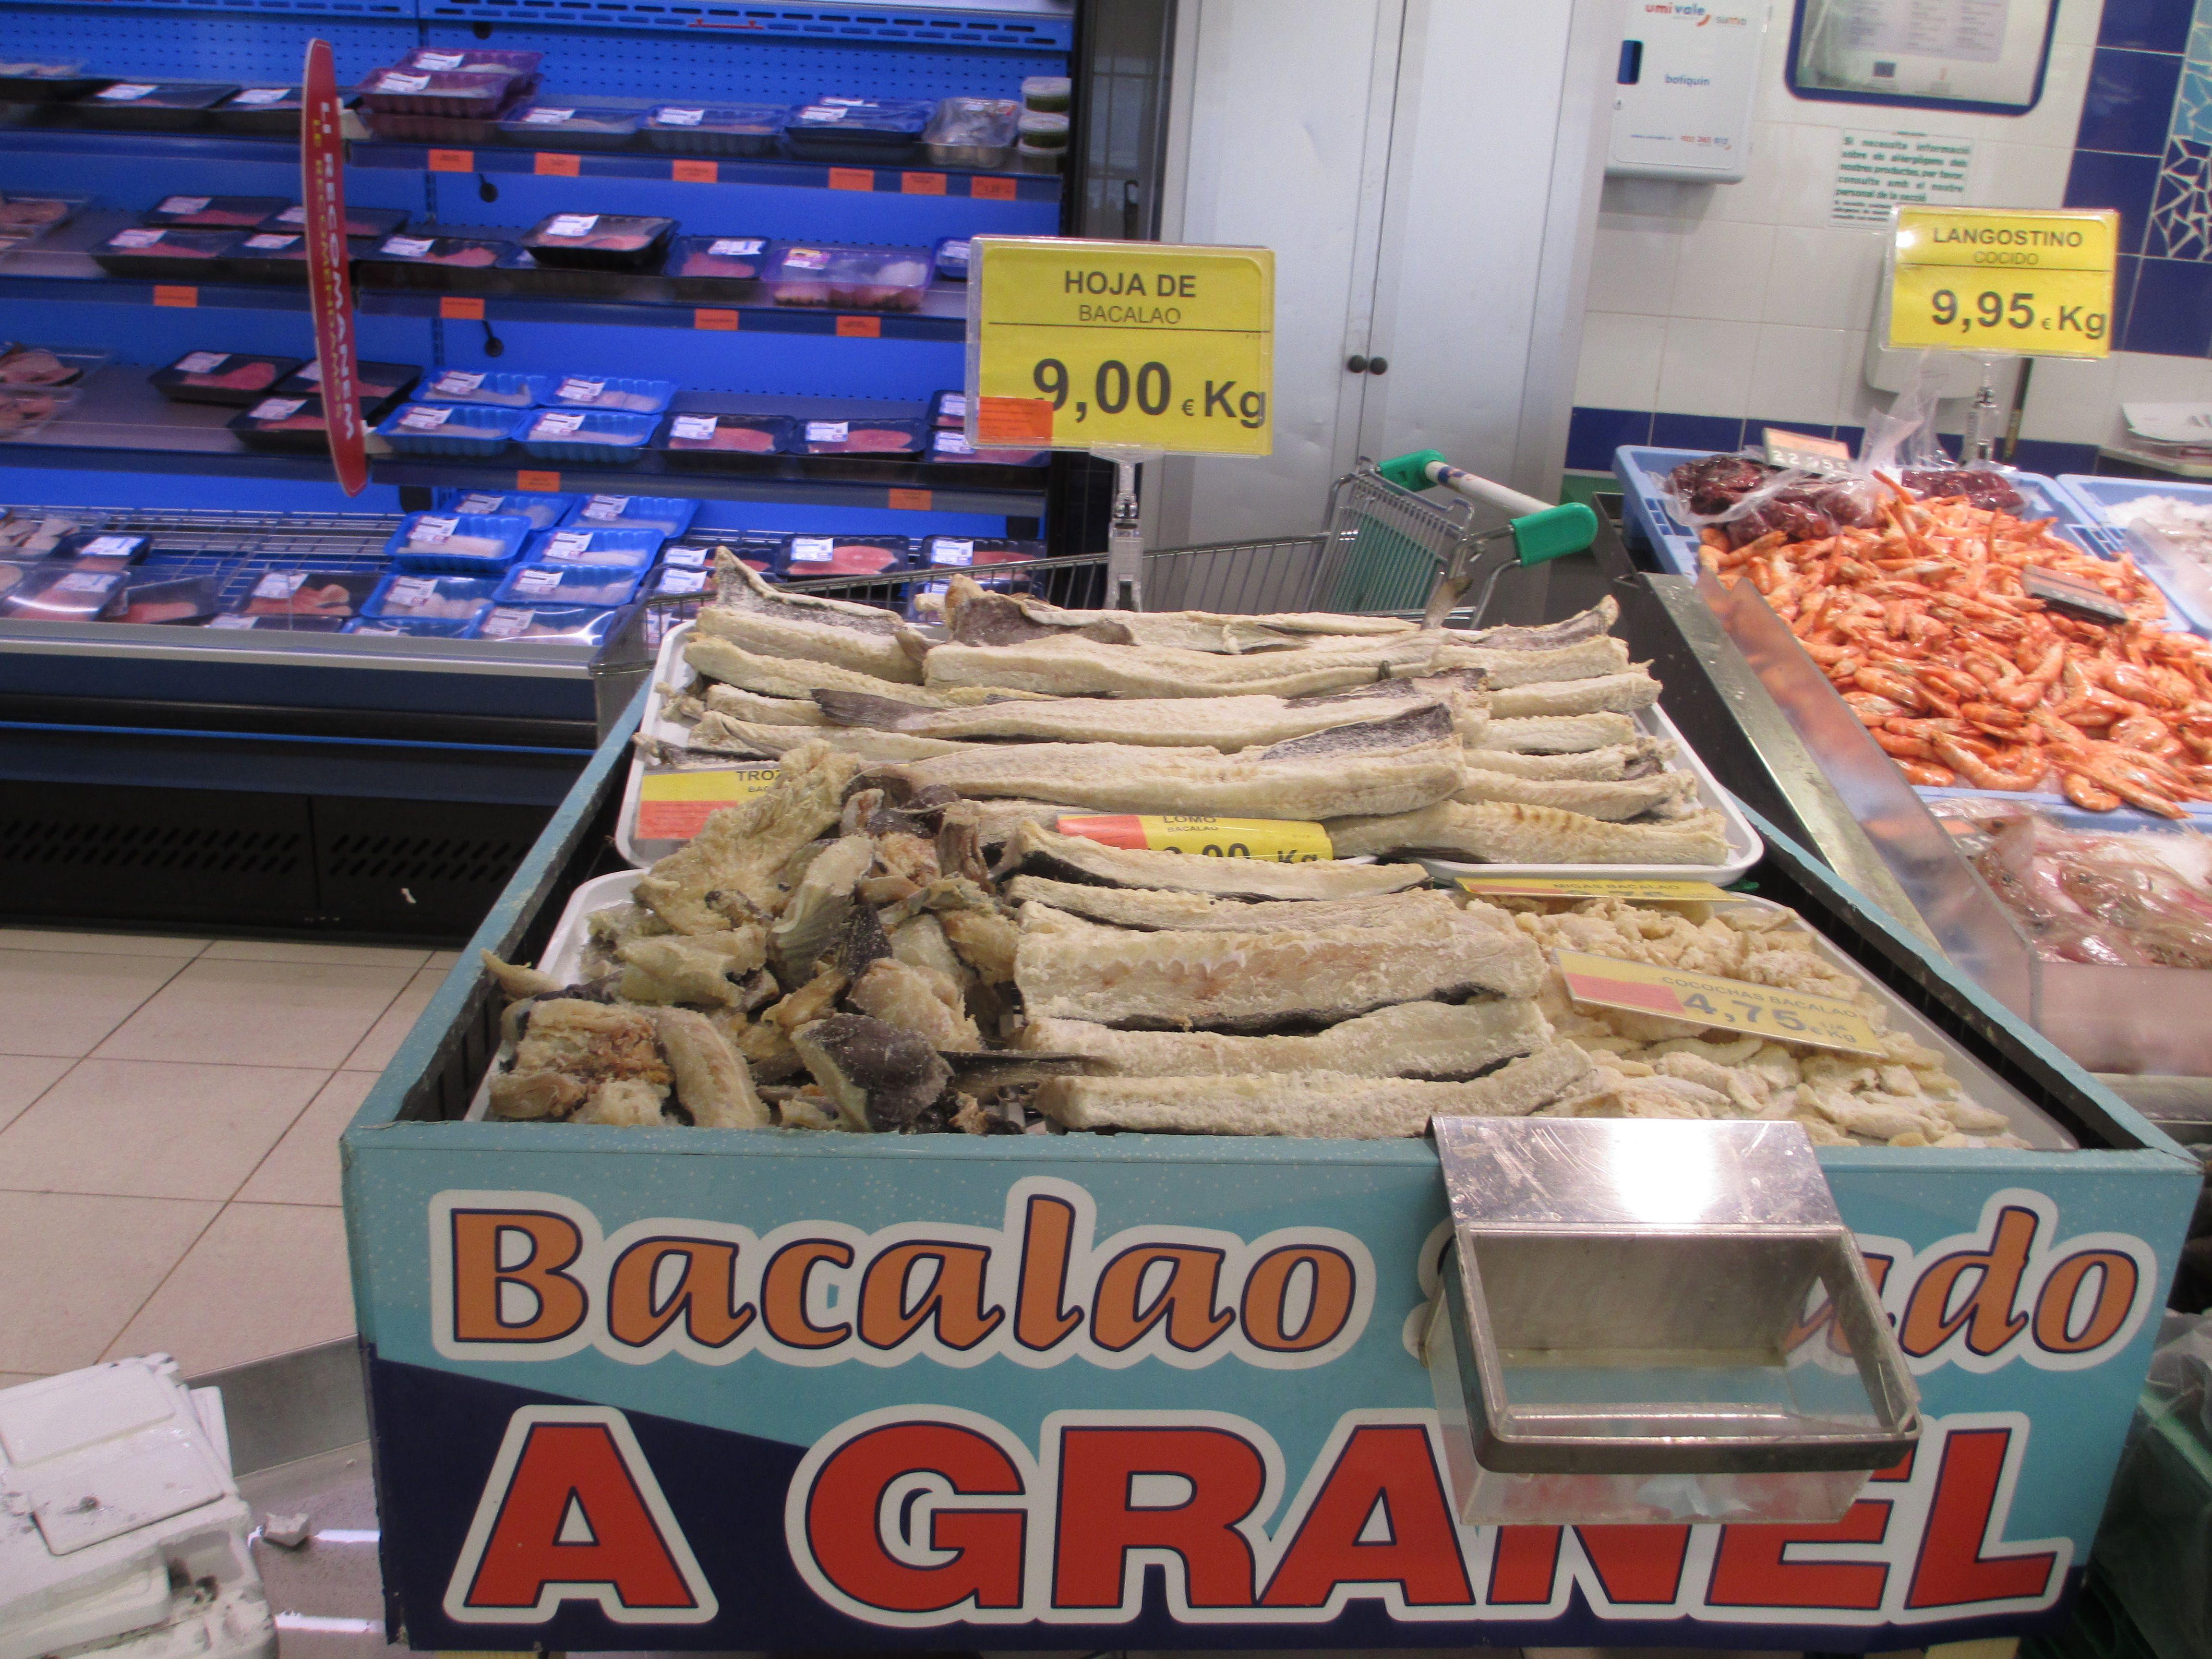 More fresh fish at Mercadona | Spain food | Food, Meat, Cereal